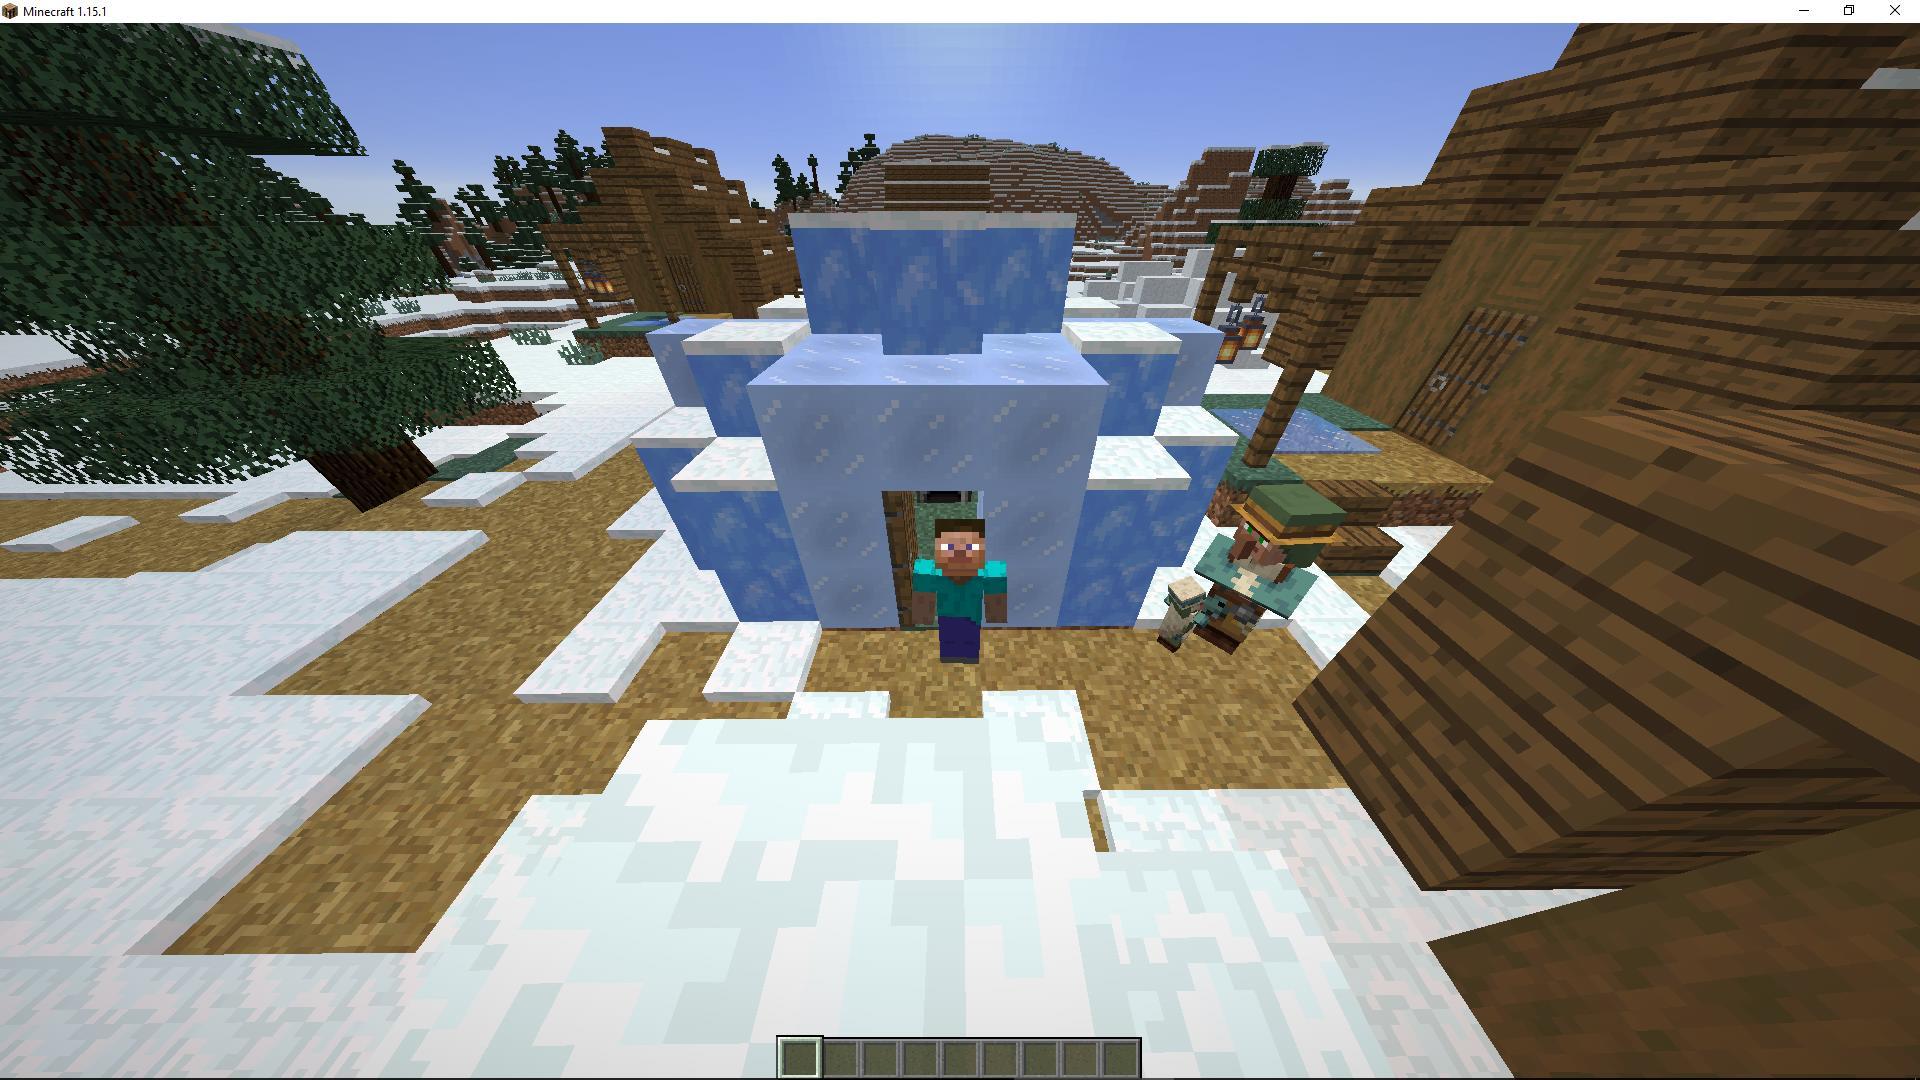 Сид «Появление в иглу» (Зимняя деревня) - скриншот 2